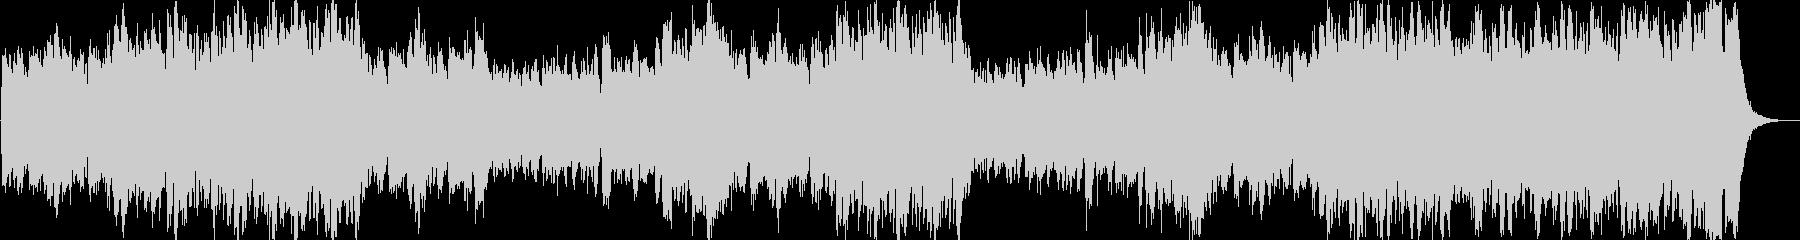 ファンファーレが繰り返される豪華なマーチの未再生の波形